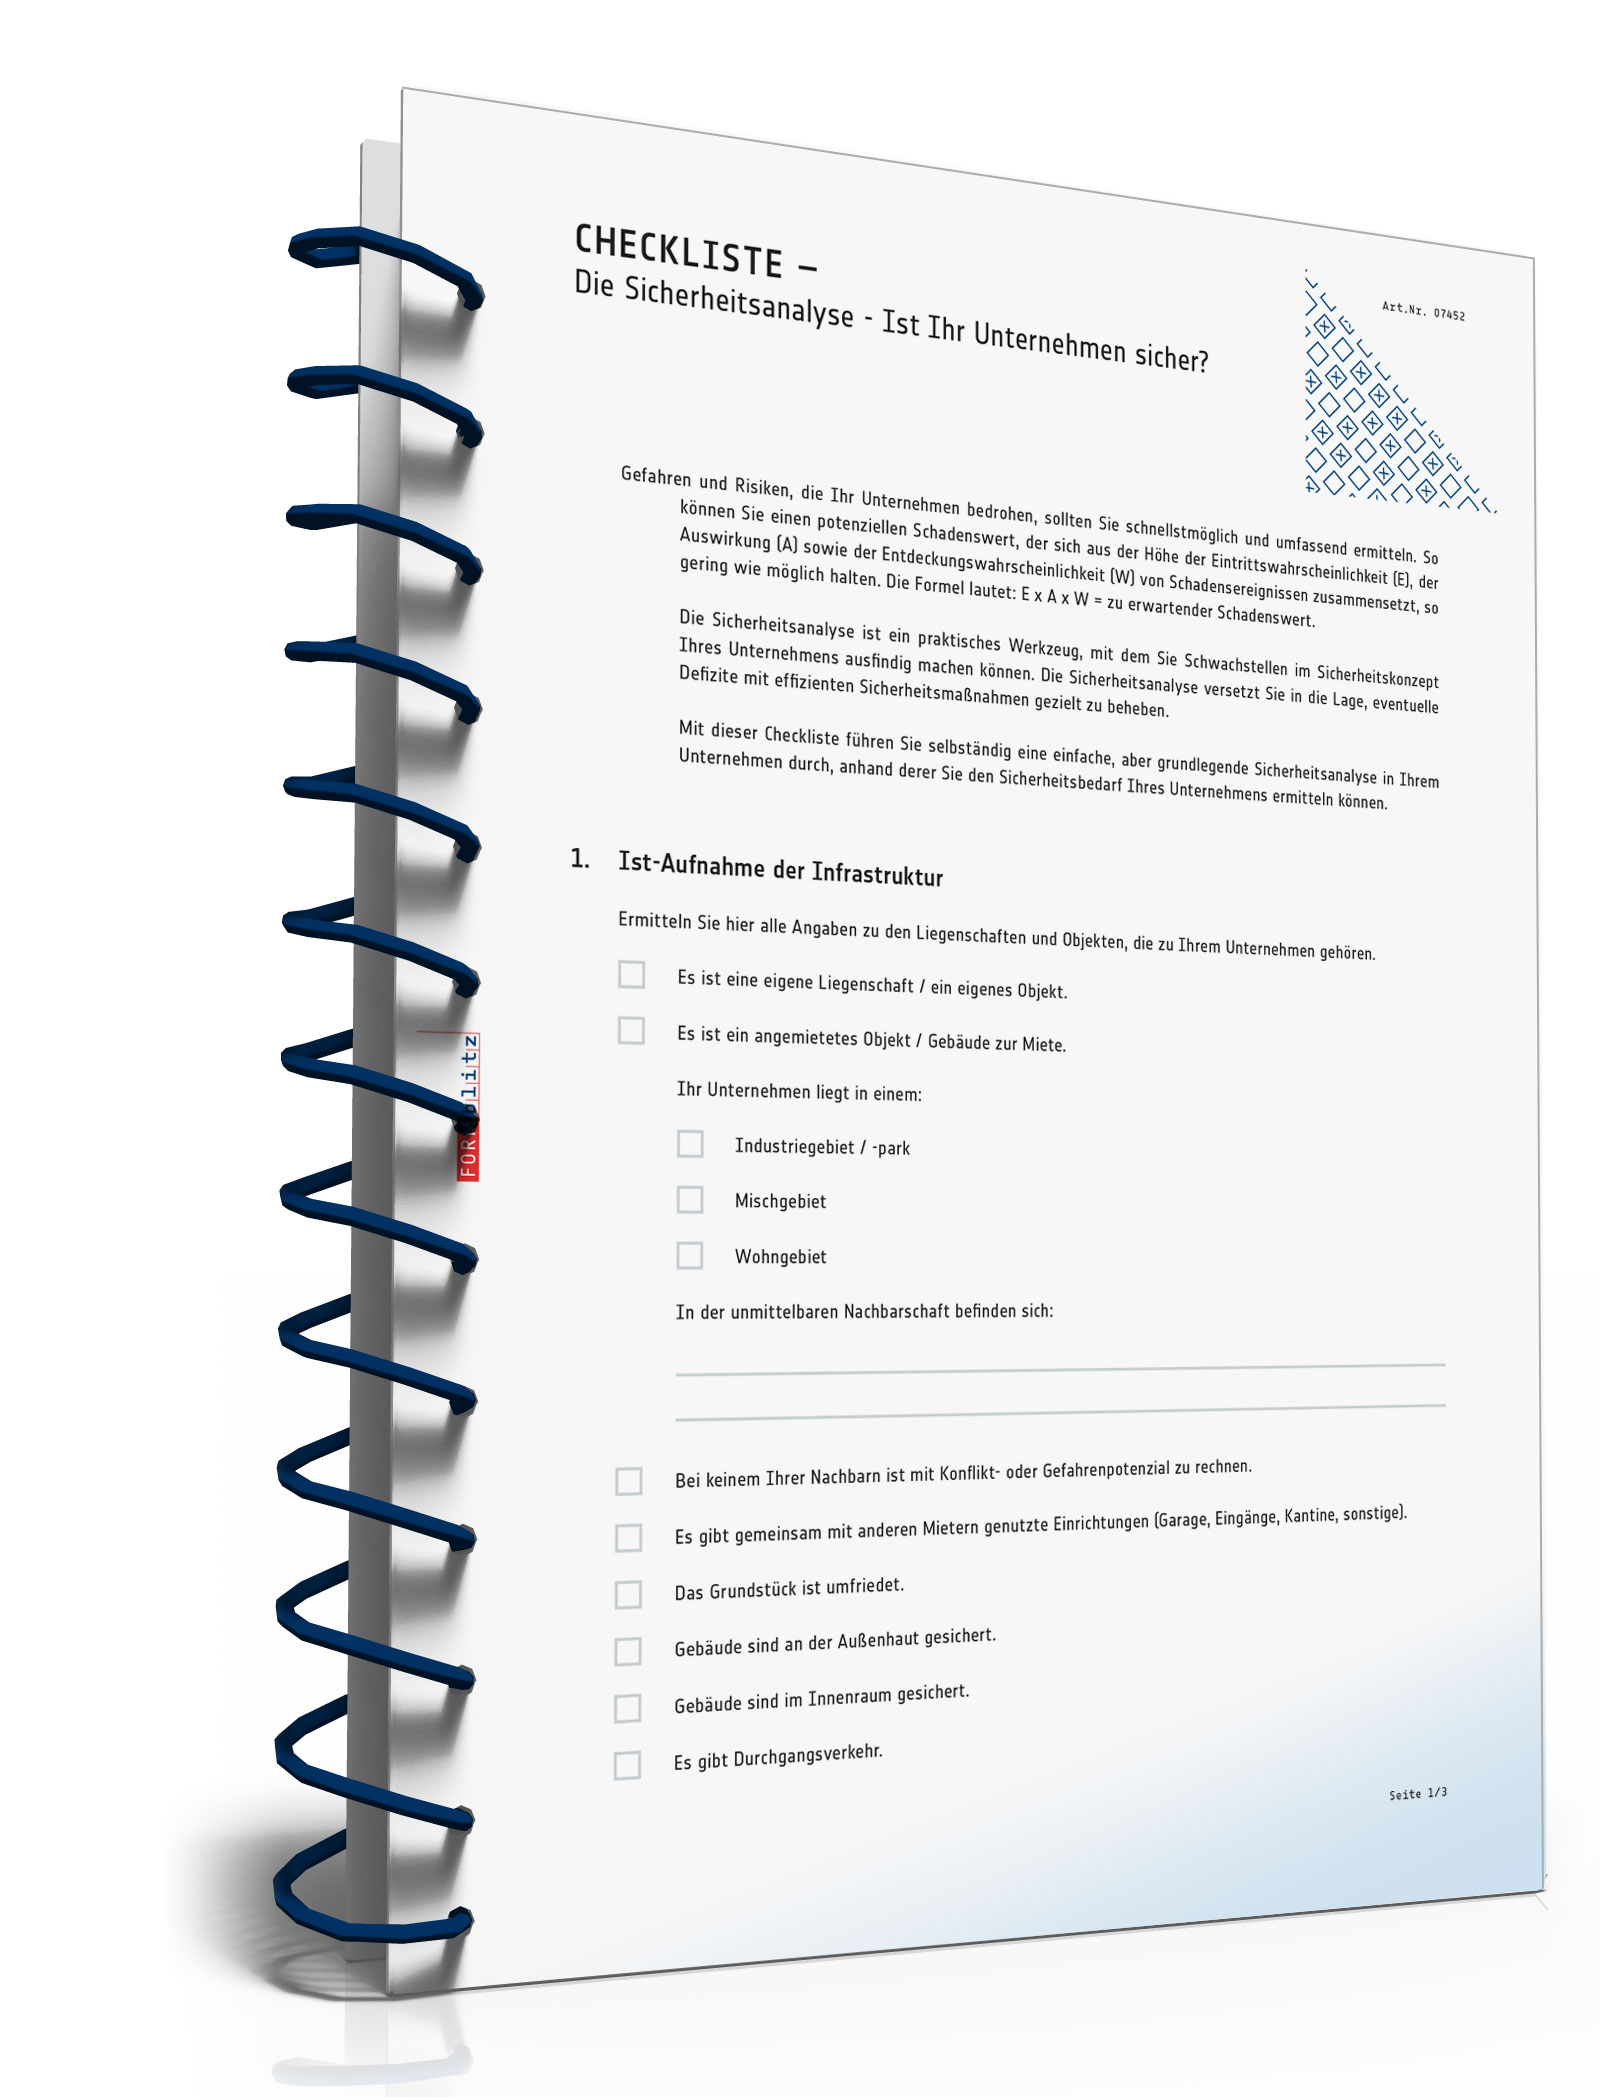 Checkliste Sicherheitsanalyse Unternehmen [PDF Download] (Unternehmen Legal Software)